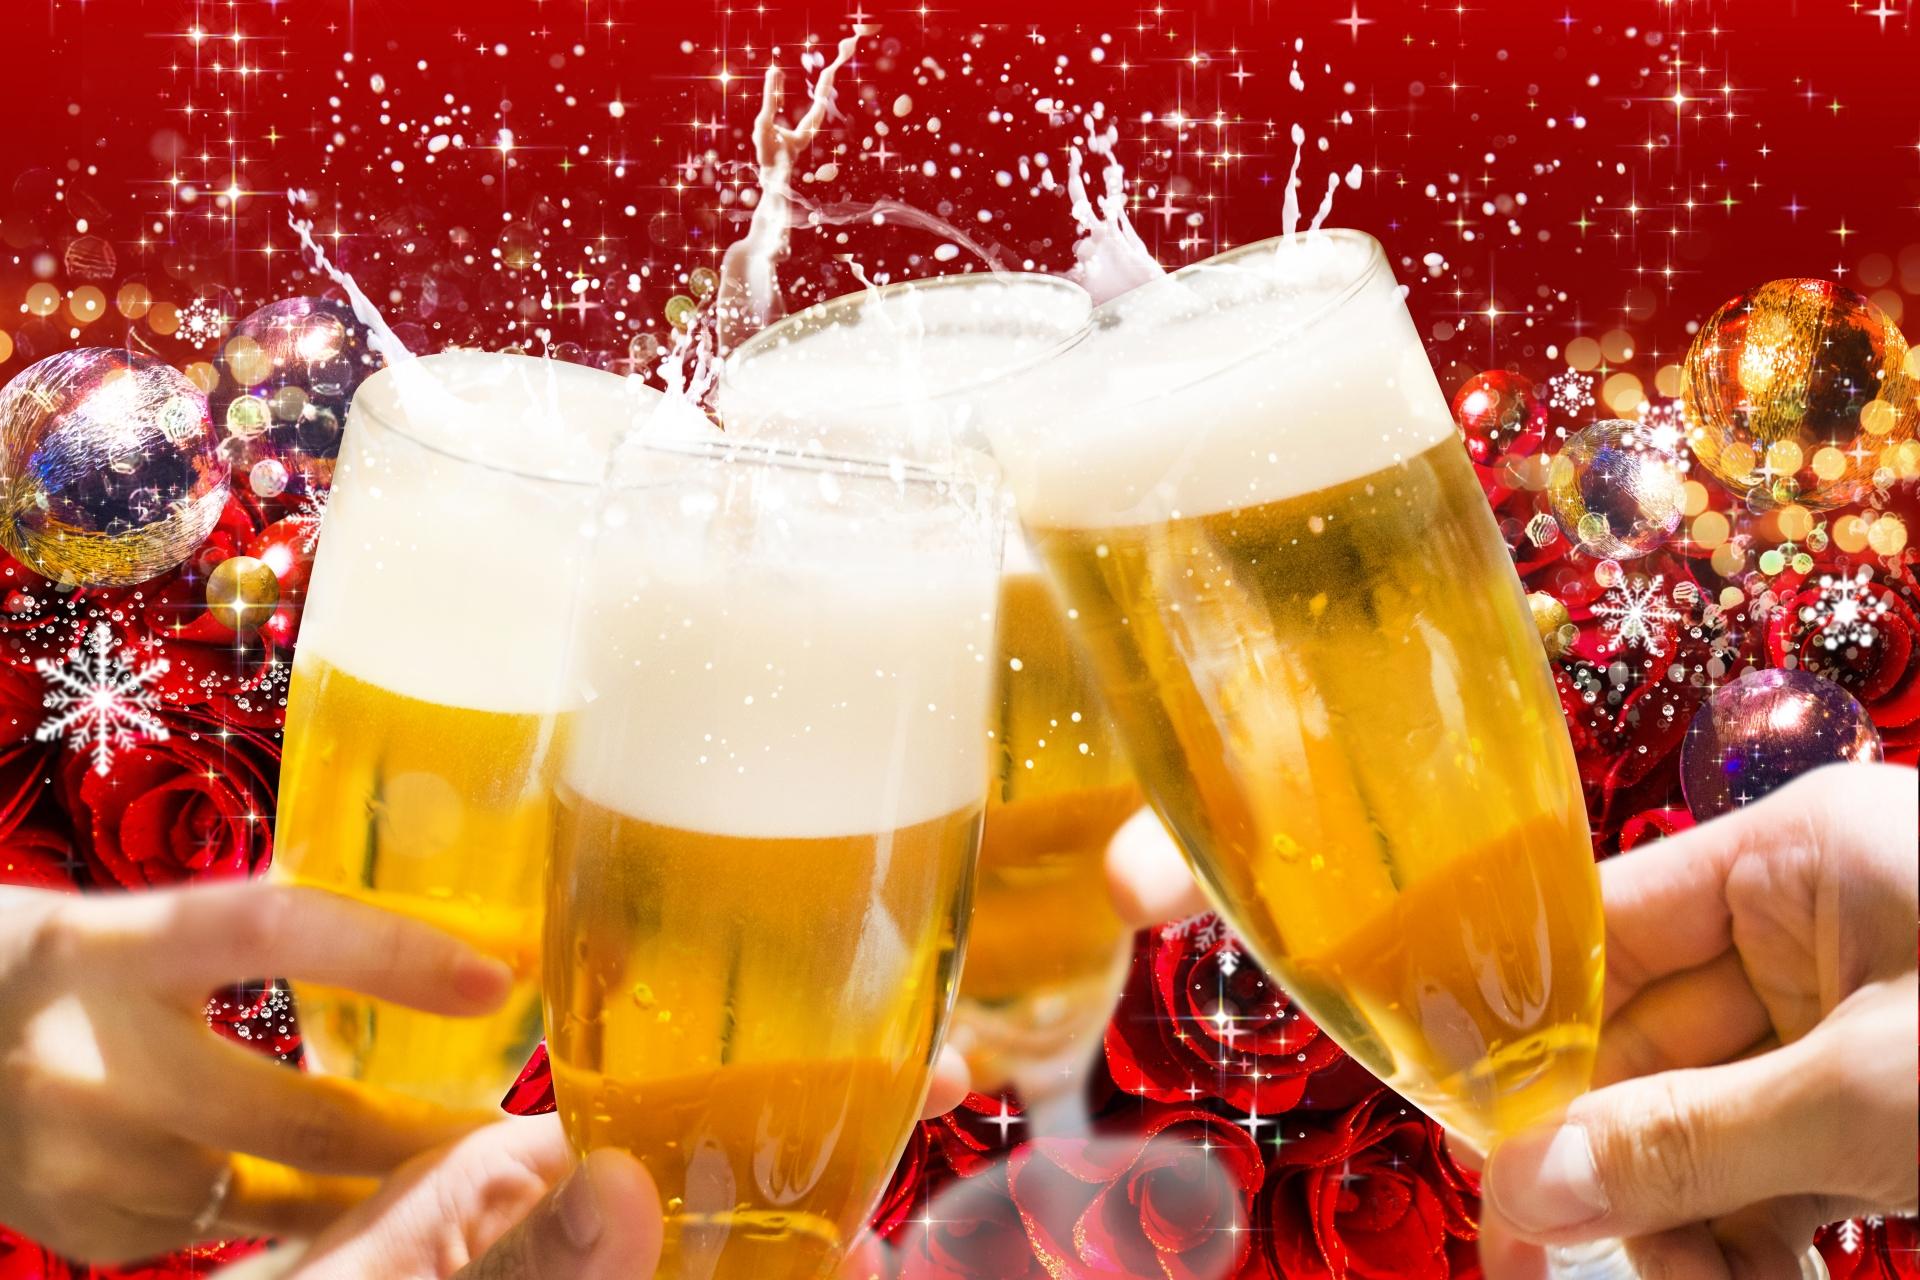 ビールが進んで止まらない⁉Uber Eats福岡ビールに合うおつまみ4選!